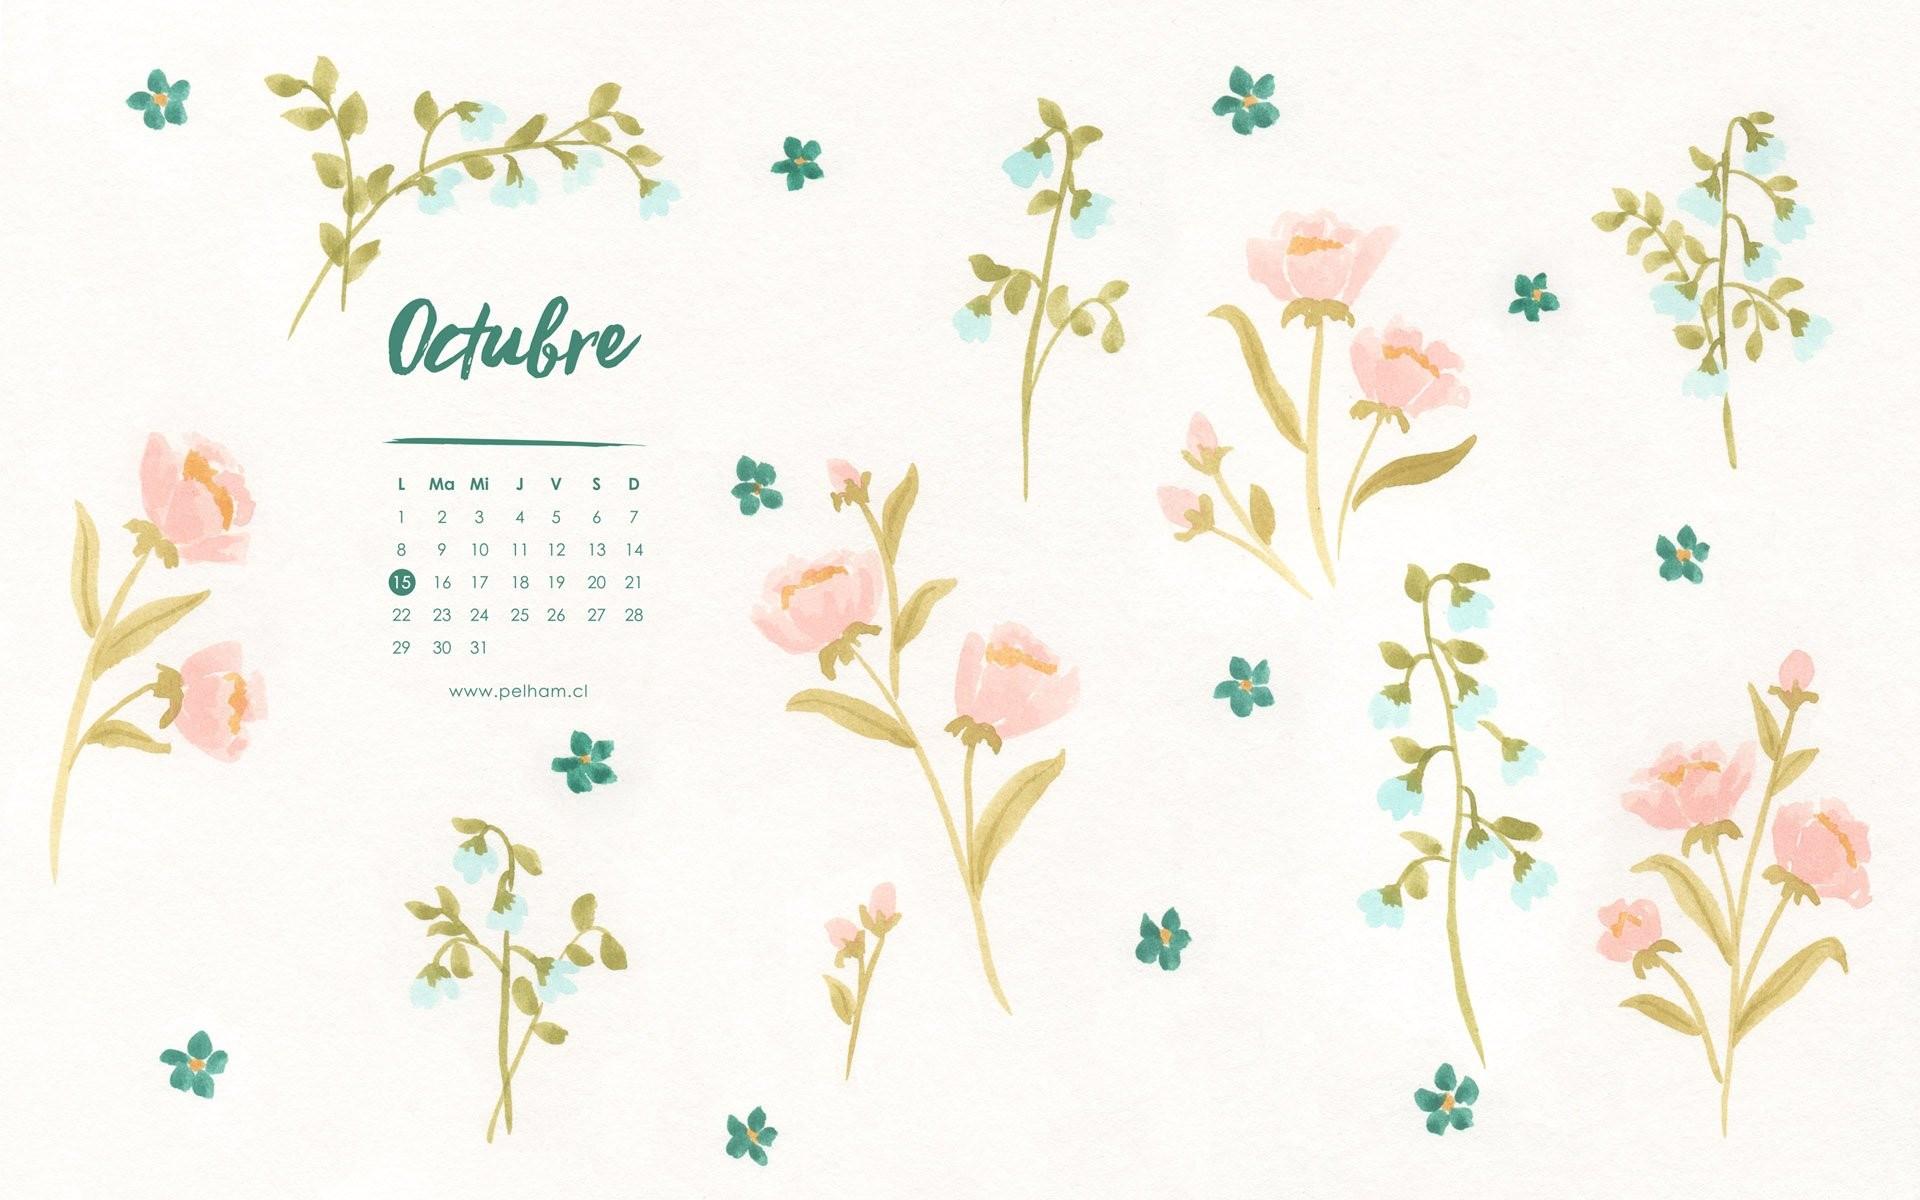 Imprimir Calendario Mes Agosto 2019 Más Recientemente Liberado Wallpaper Octubre 2018 Pelham Goods Pelhamwpp Of Imprimir Calendario Mes Agosto 2019 Más Actual Realmente Esto Calendario 2019 En Ingles Para Imprimir